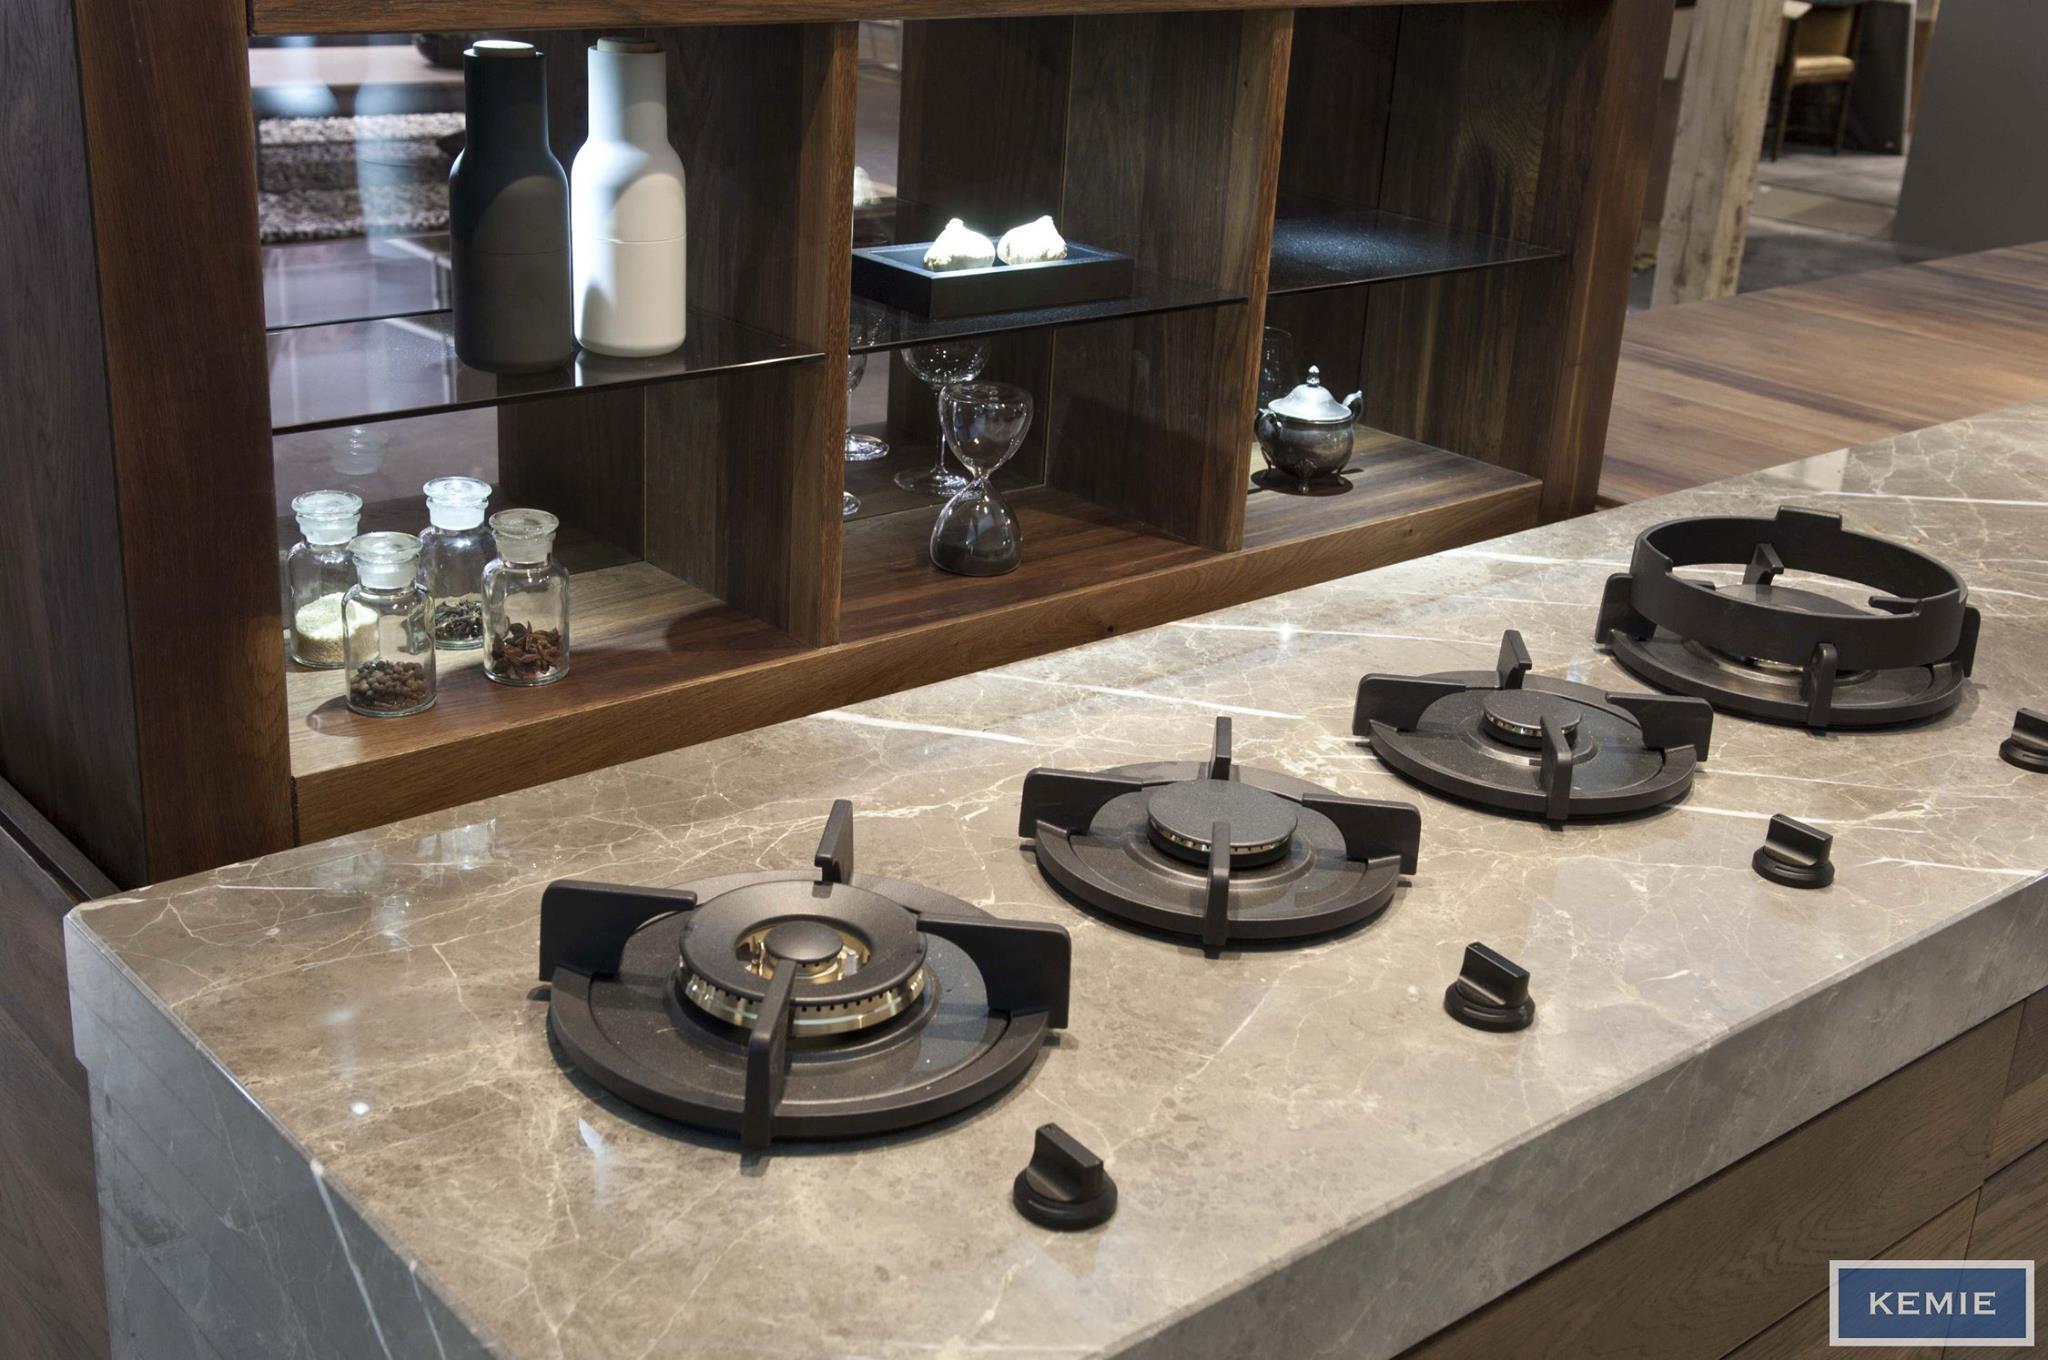 Kookeiland met Pitt Cooking in marmer keukenblad - Marmer Fior di Bosco van Kemie #keuken #marmer